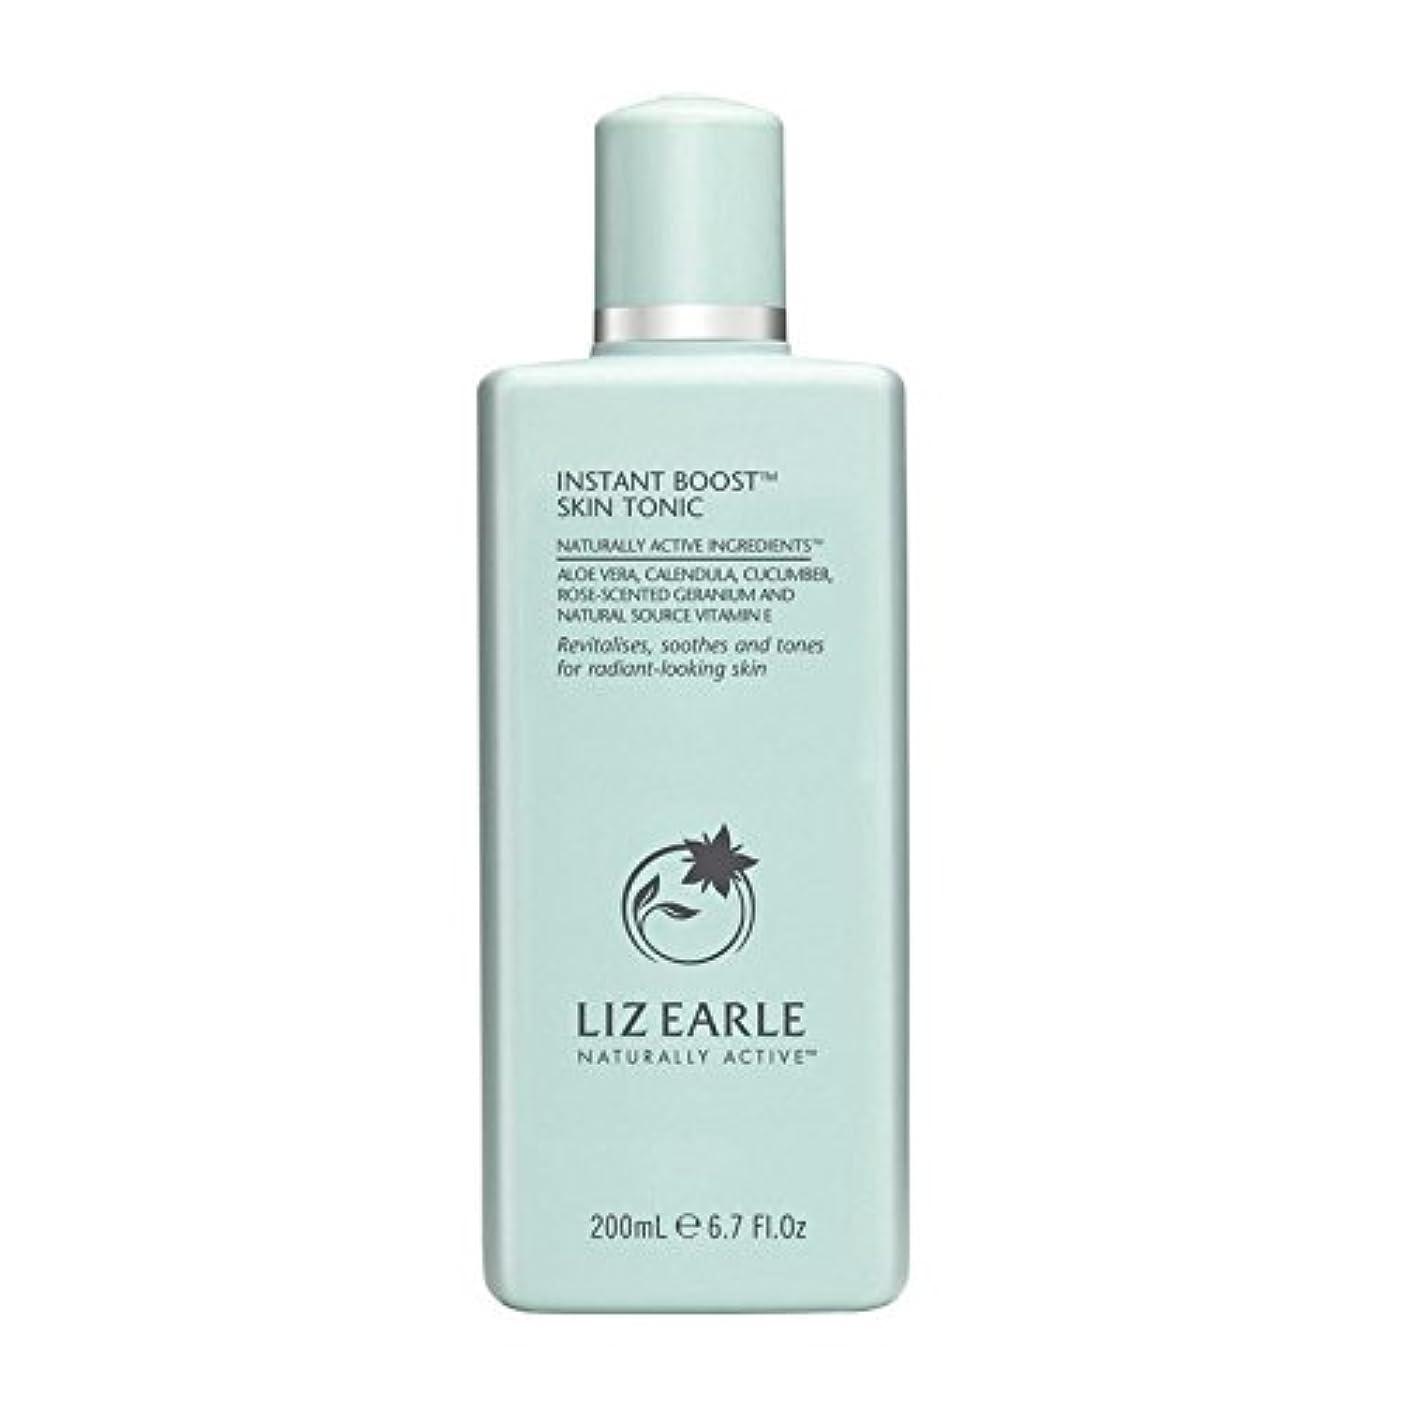 説教するブロッサム全くリズアールインスタントブーストスキントニックボトル200ミリリットル x4 - Liz Earle Instant Boost Skin Tonic Bottle 200ml (Pack of 4) [並行輸入品]